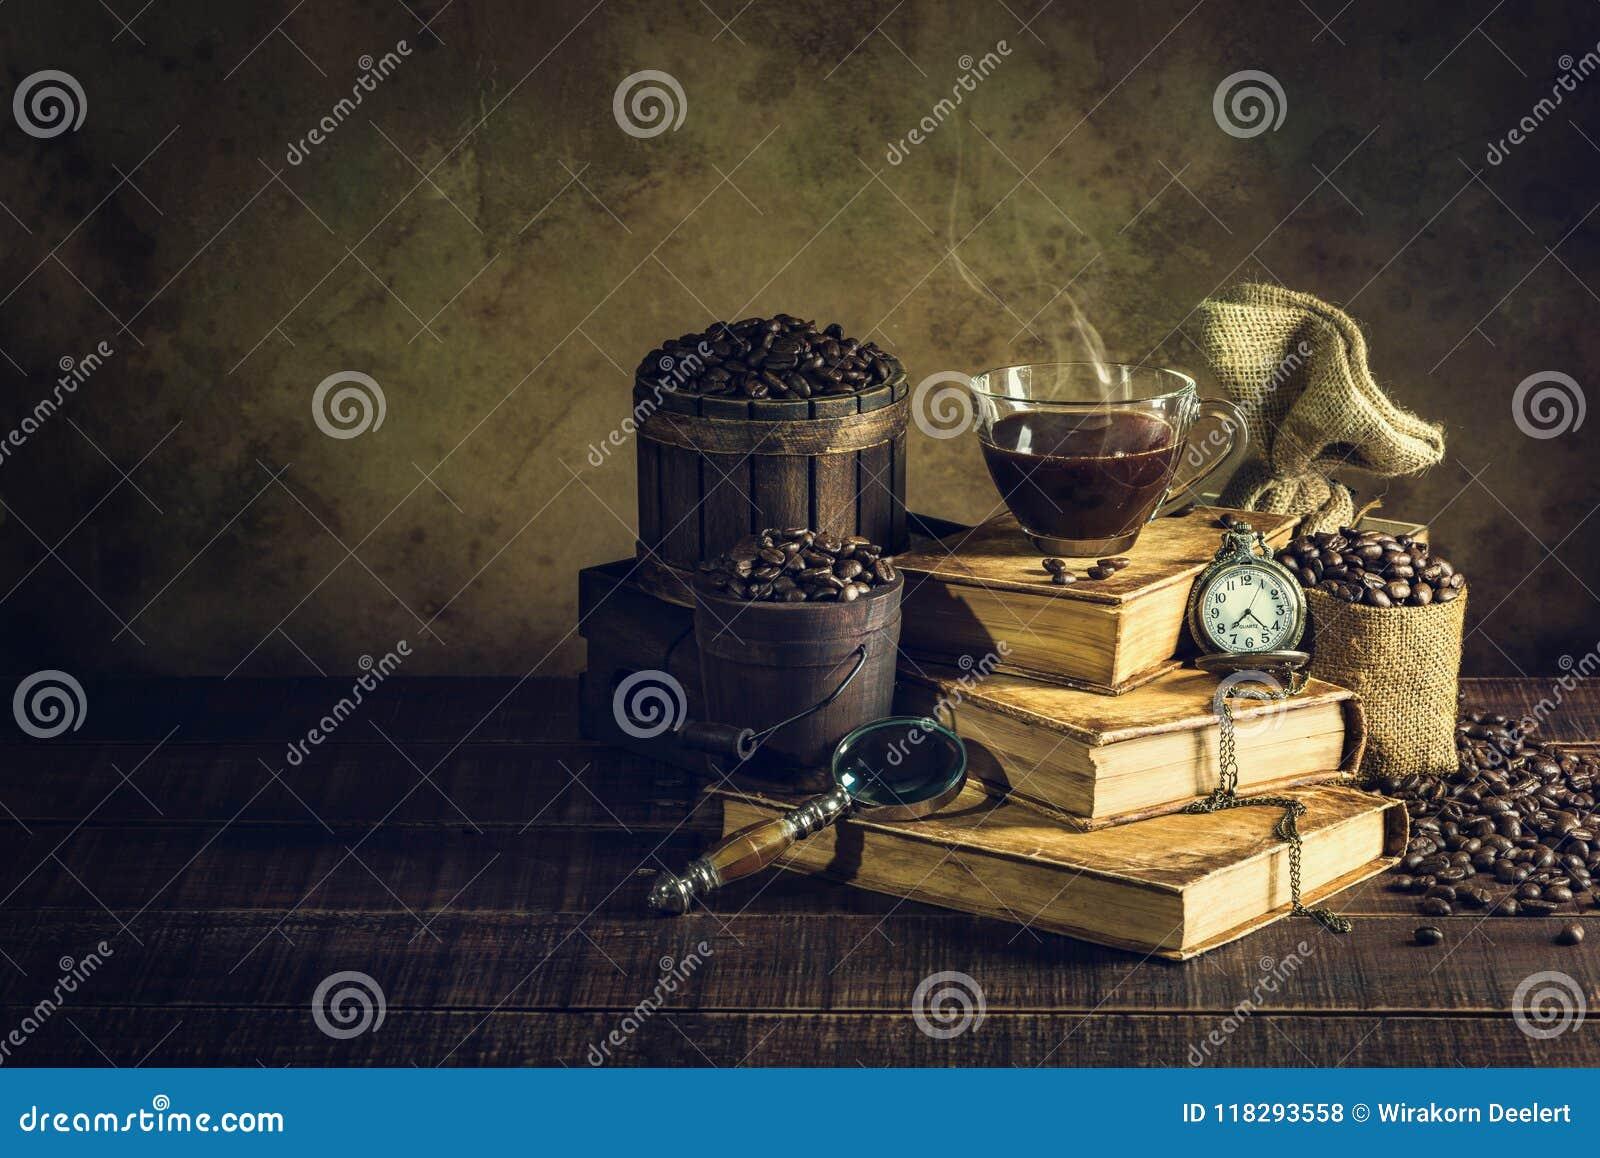 Kaffee im Schalenglas auf alten Büchern und in der Uhrweinlese auf gealtertem Holz